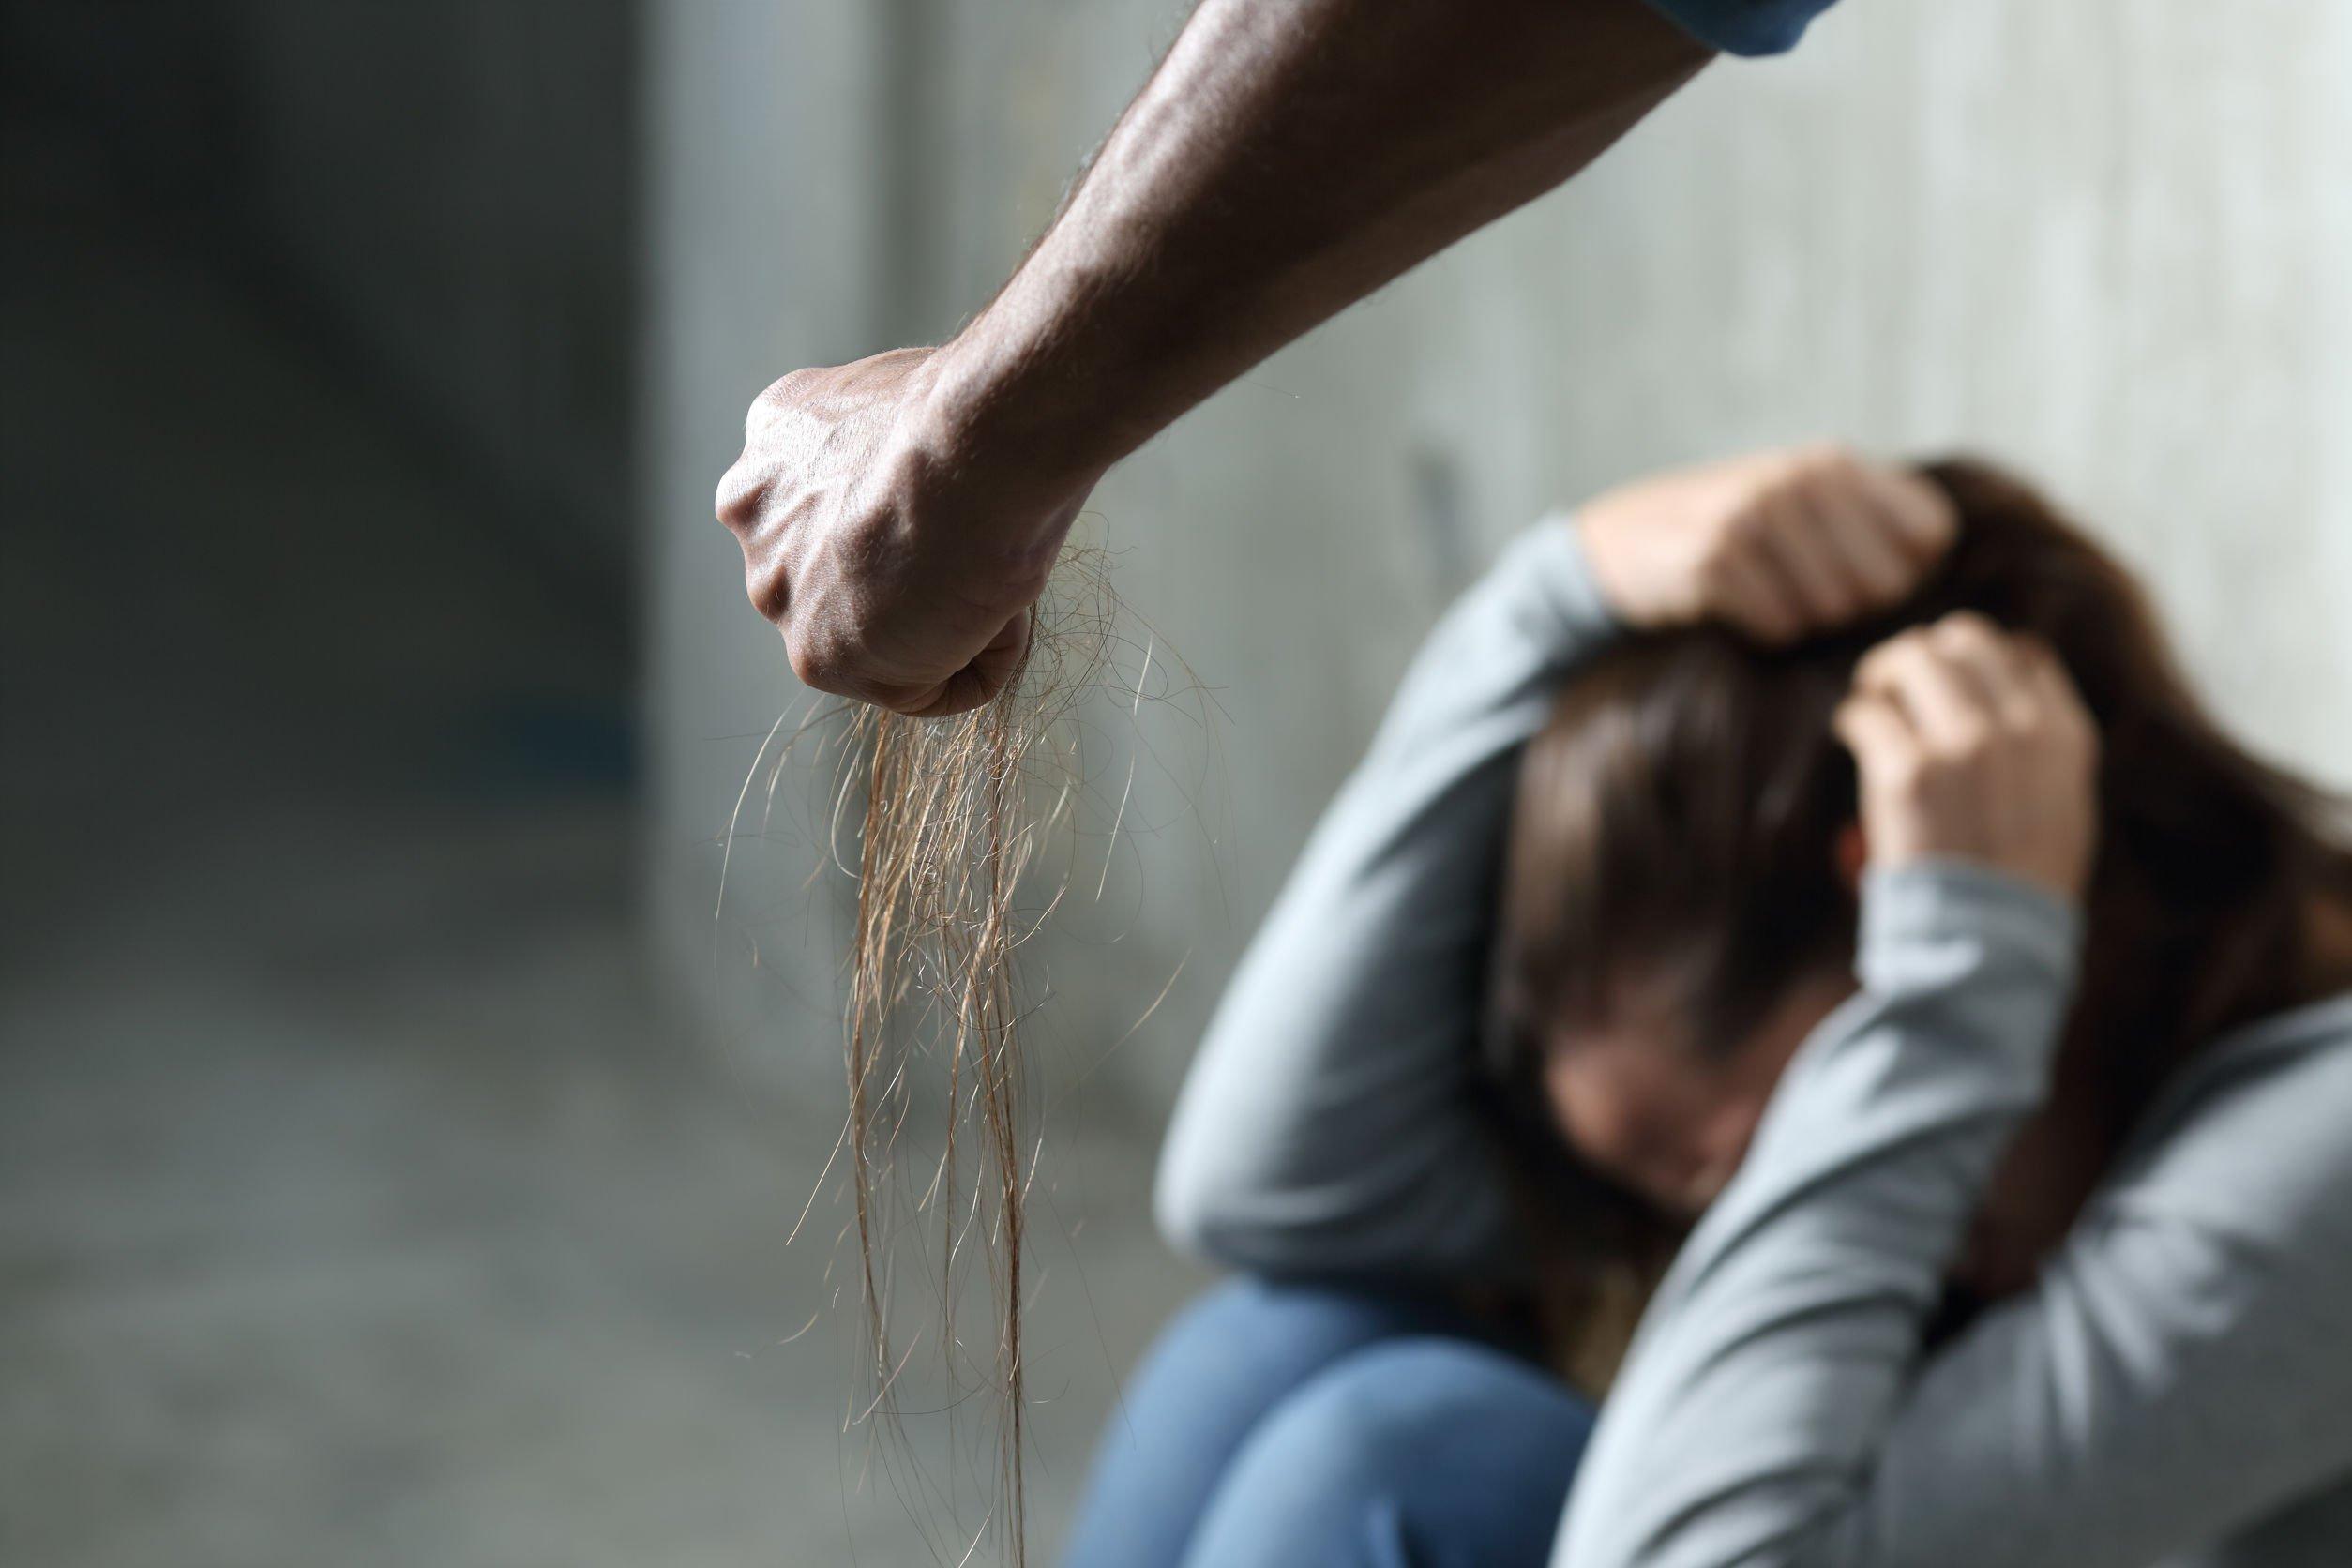 Mulher sentada no chão com a cabeça baixa encostada em seus joelhos flexionados e suas mãos tentando cobrir sua cabeça. Em foco, o braço de um homem segurando uma mecha de cabelo arrancado.